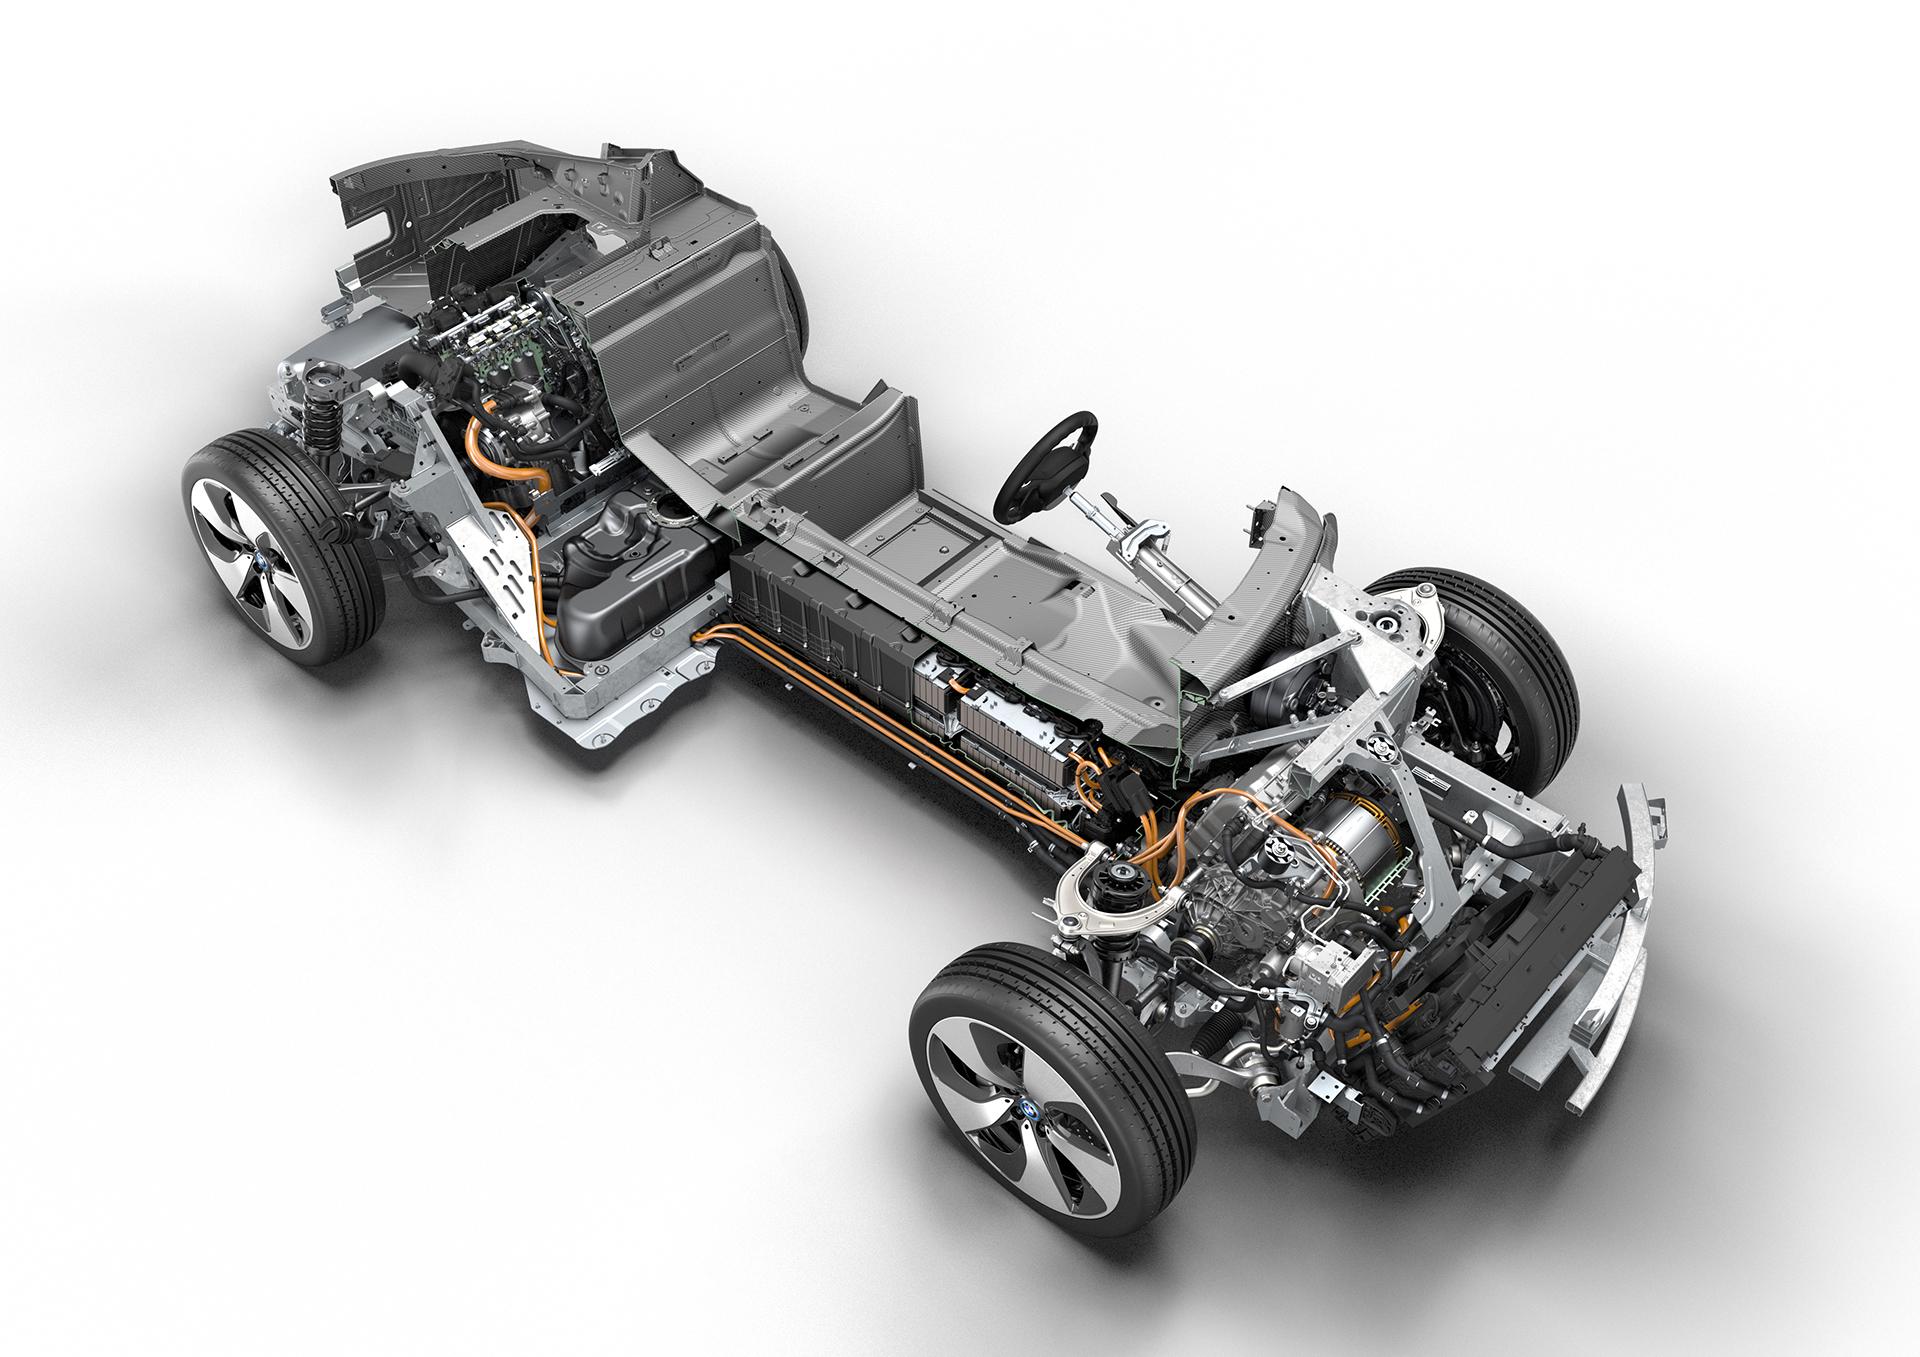 BMW i8 - hybrid powertrain